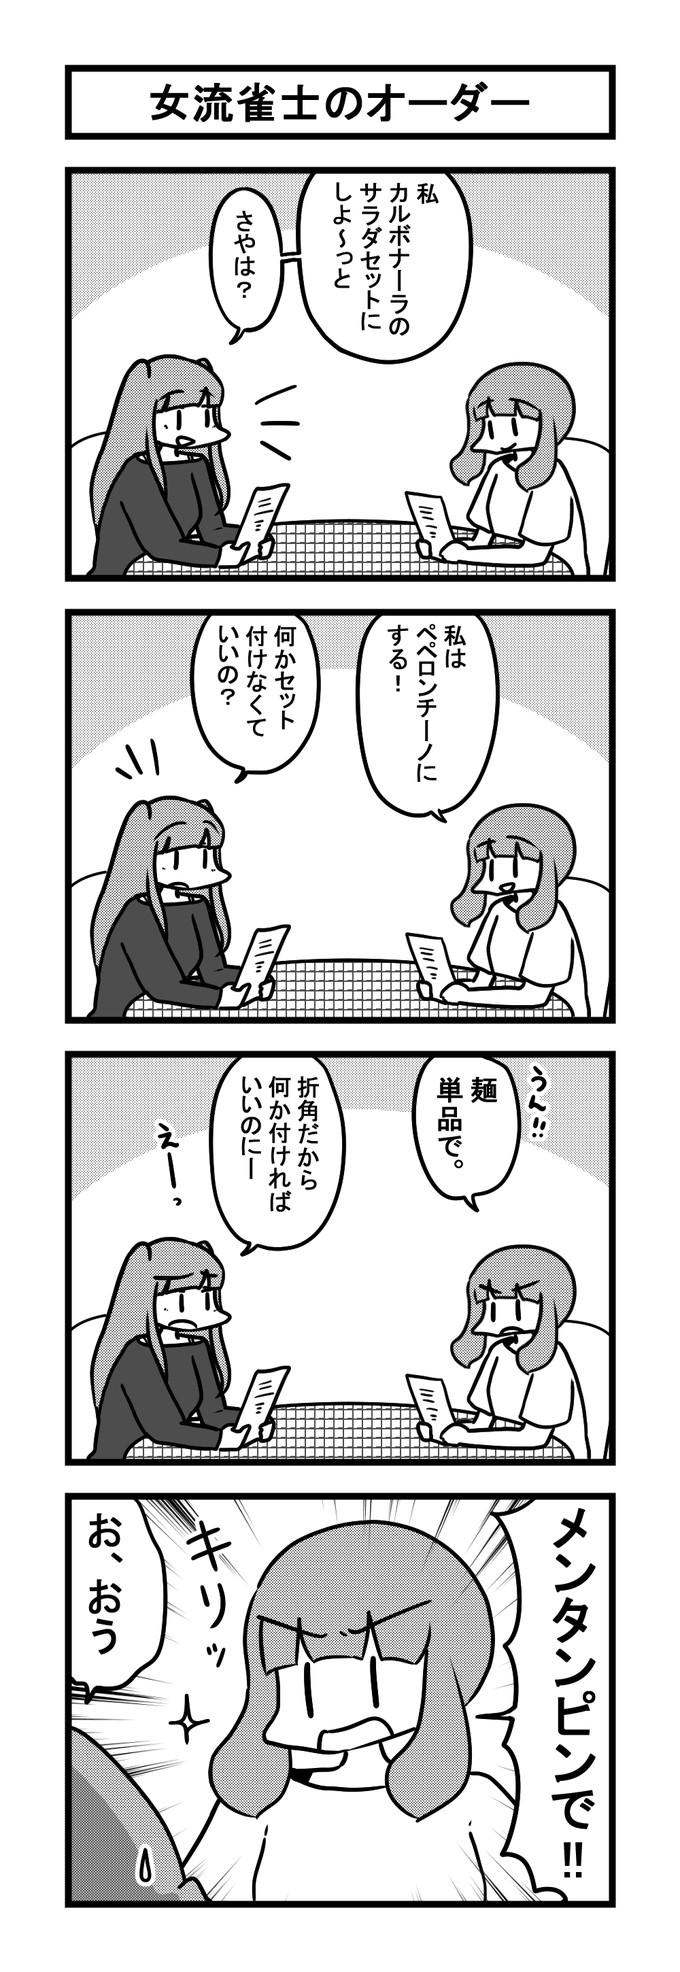 1014女流雀士のオーダー-min